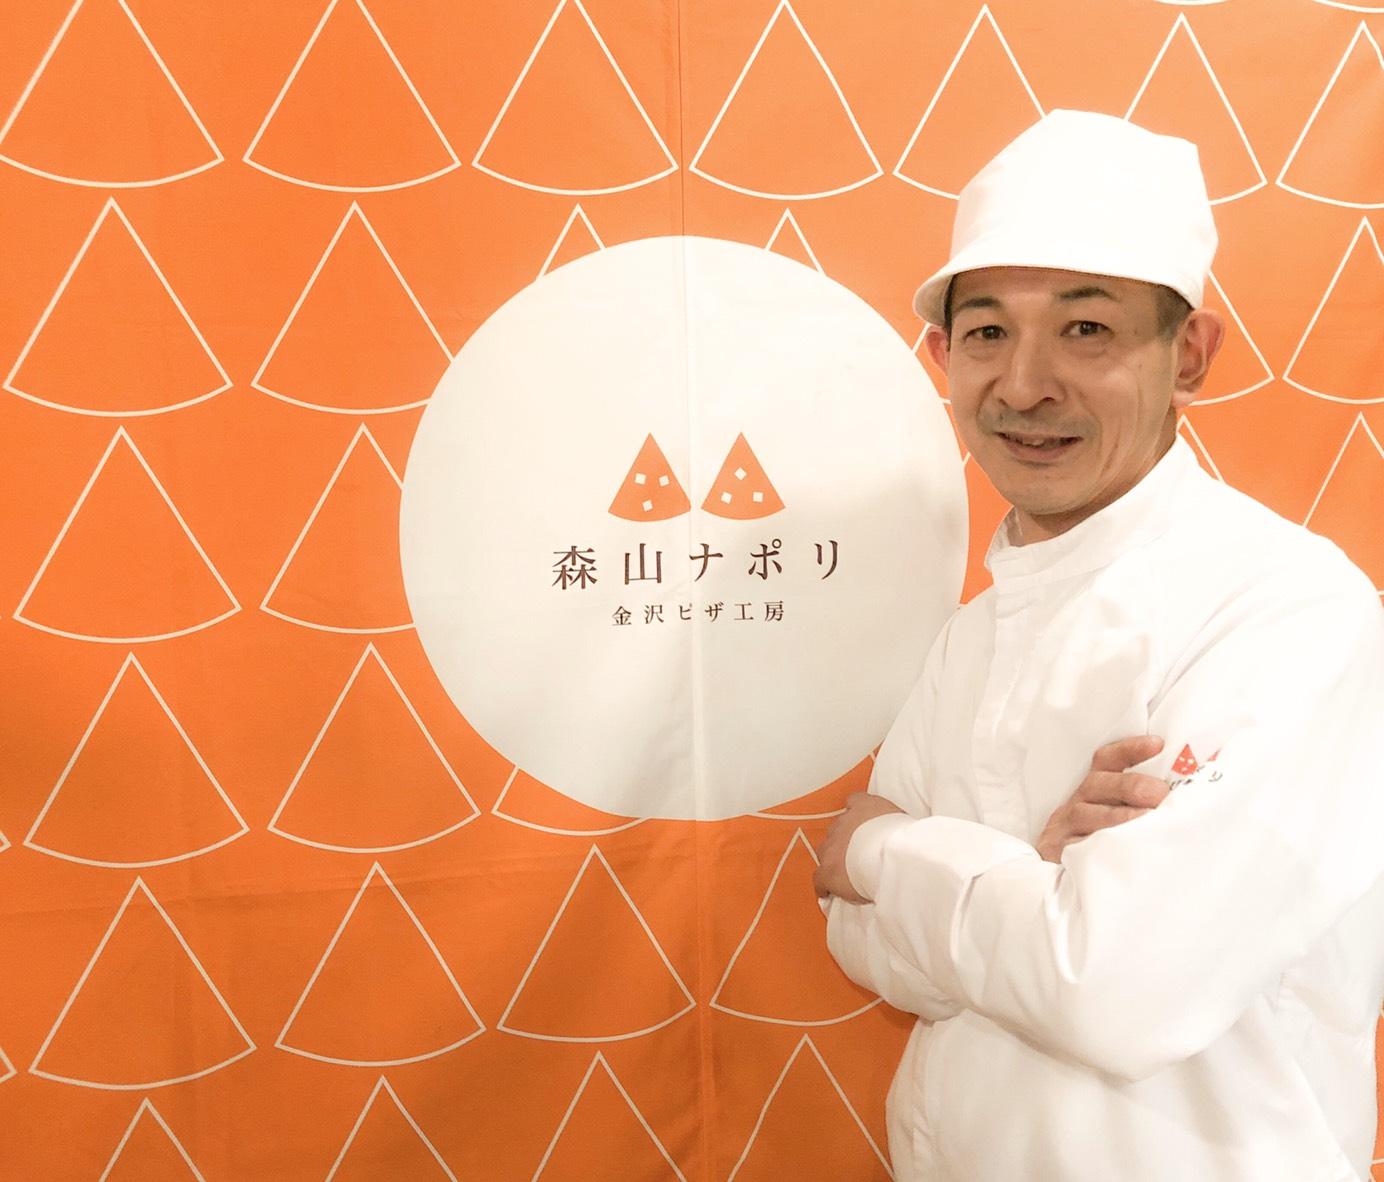 森山ナポリのピザ職人 萬田 孝行(まんだ たかゆき)